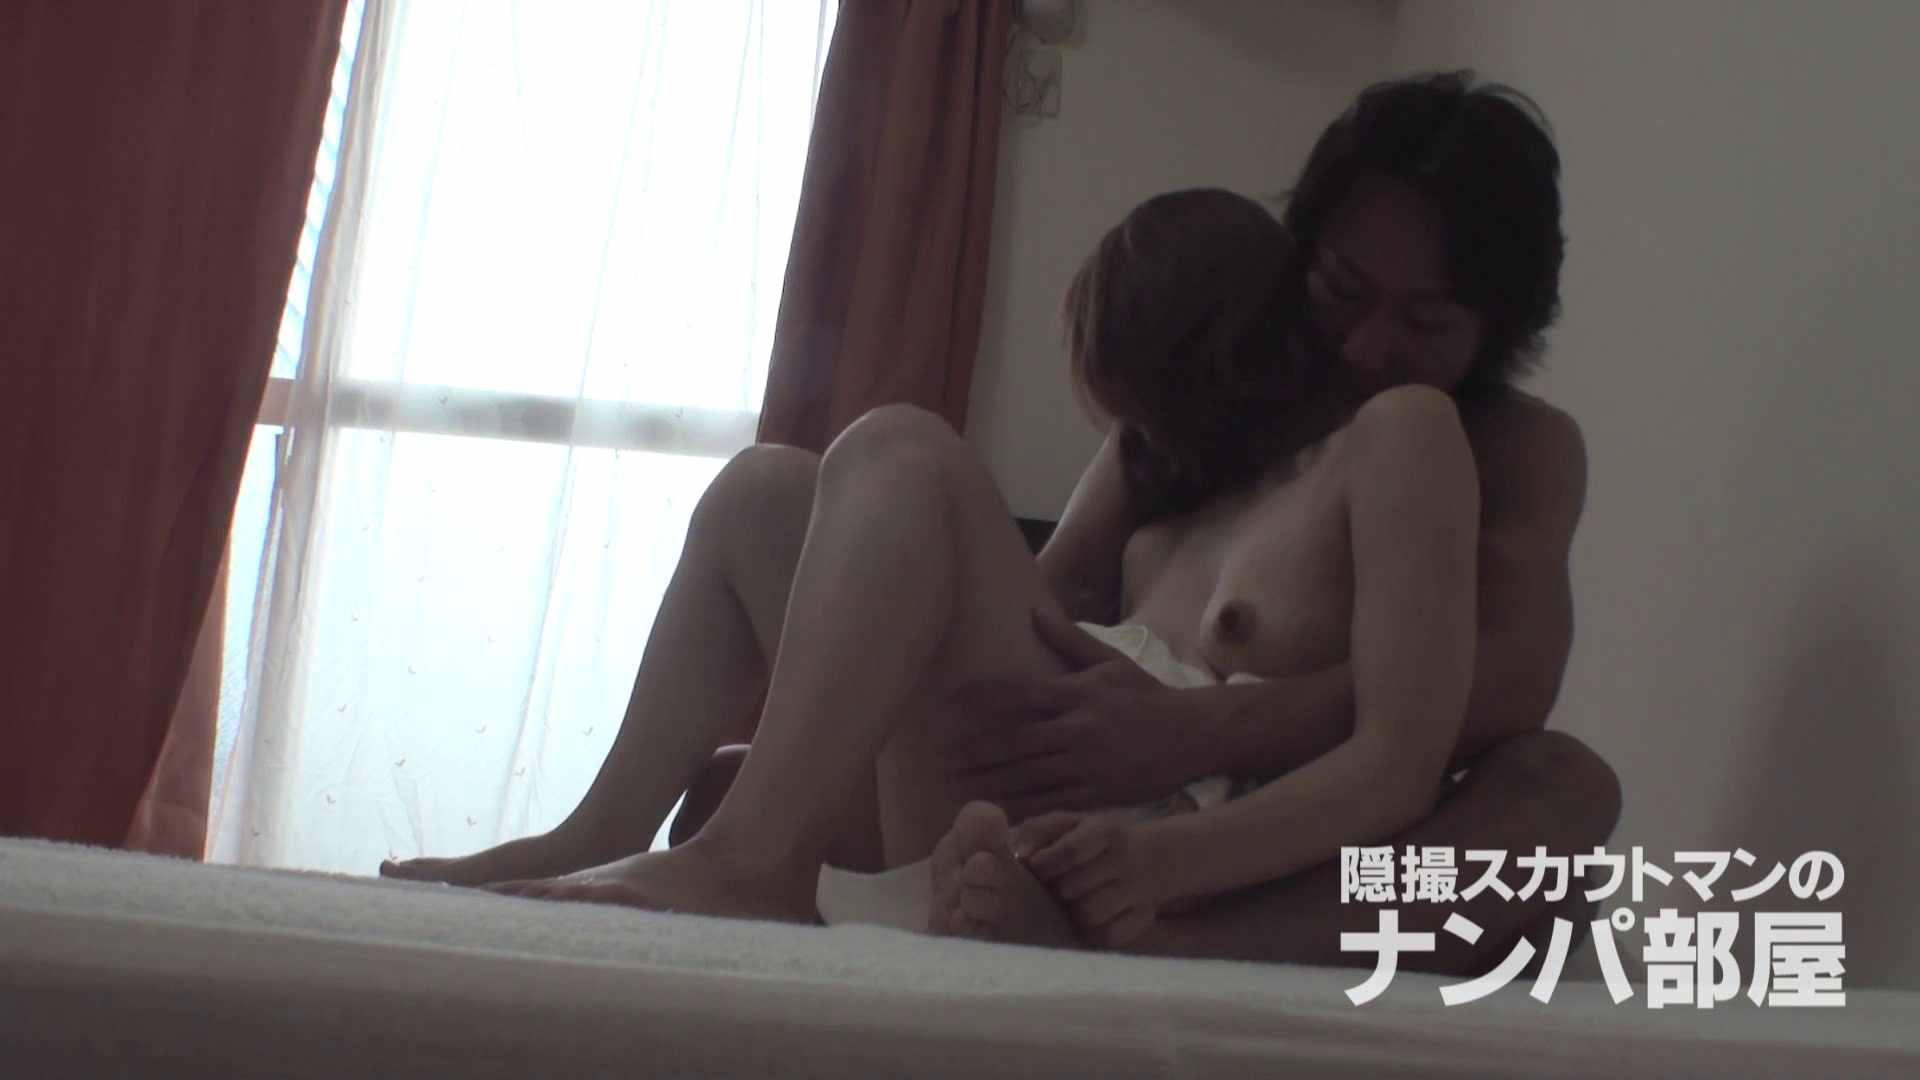 隠撮スカウトマンのナンパ部屋~風俗デビュー前のつまみ食い~ sii 隠撮  84連発 63